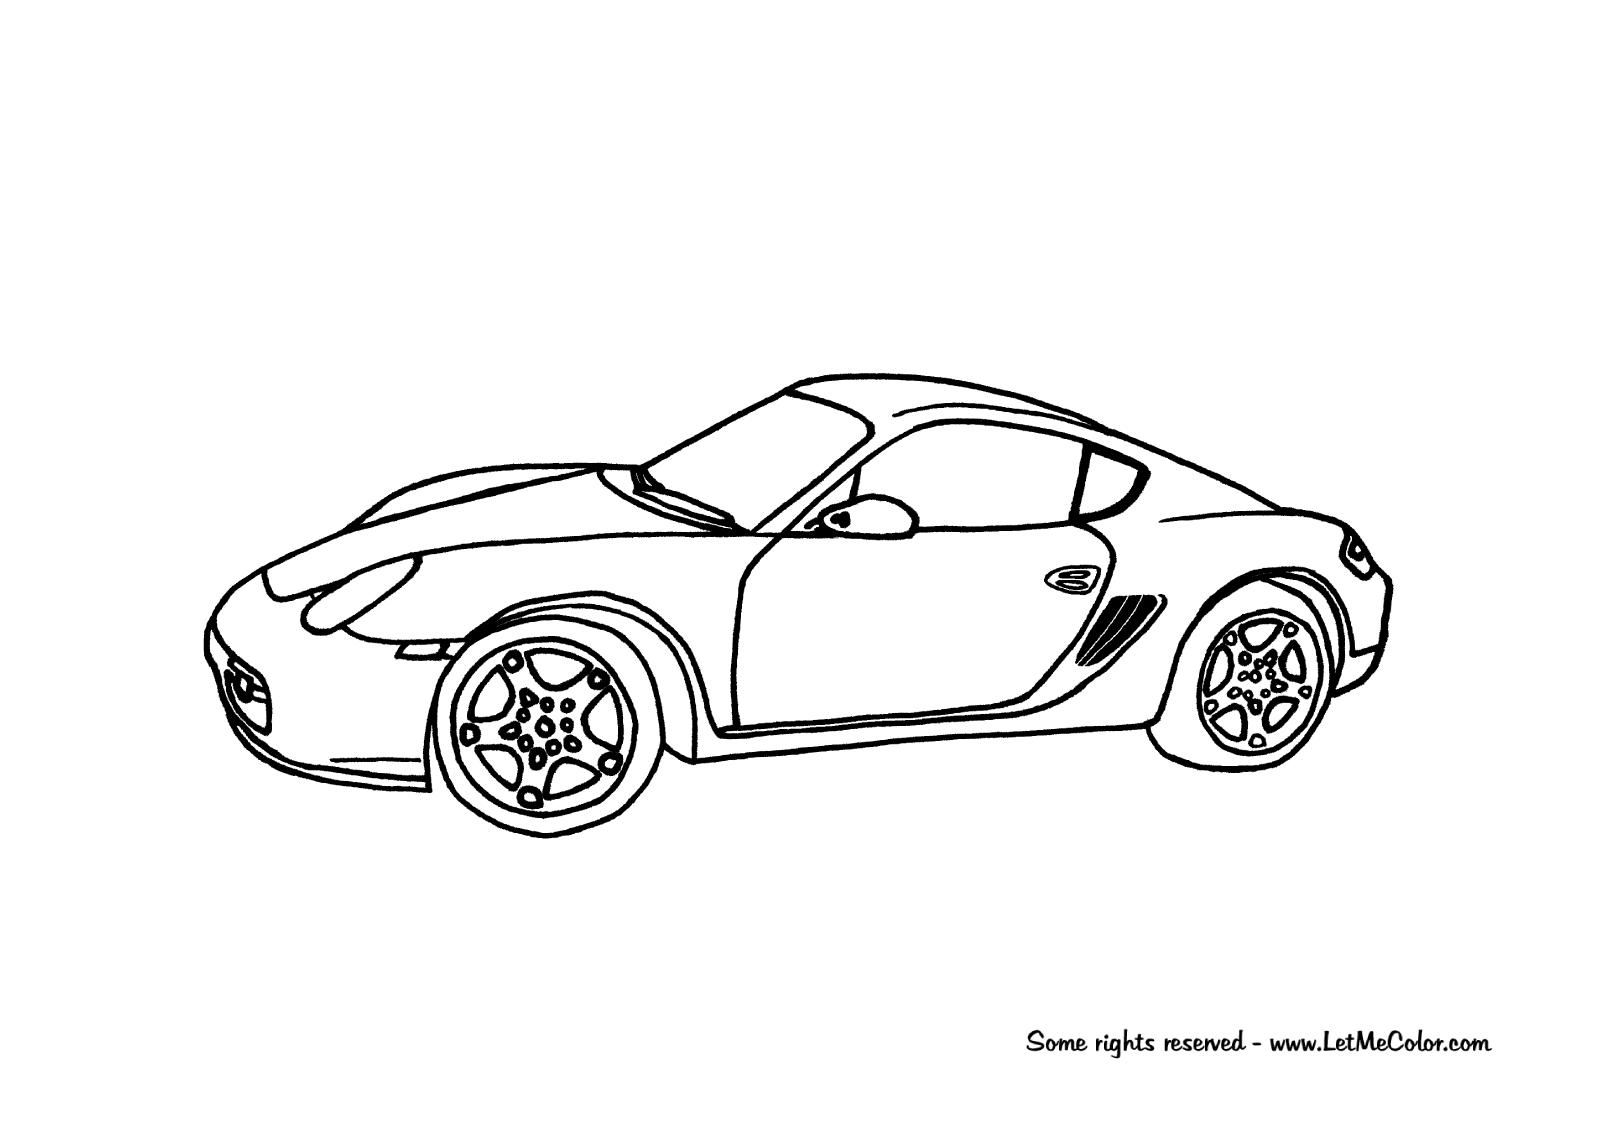 Coloring Page Of A Porsche Cayman Letmecolor